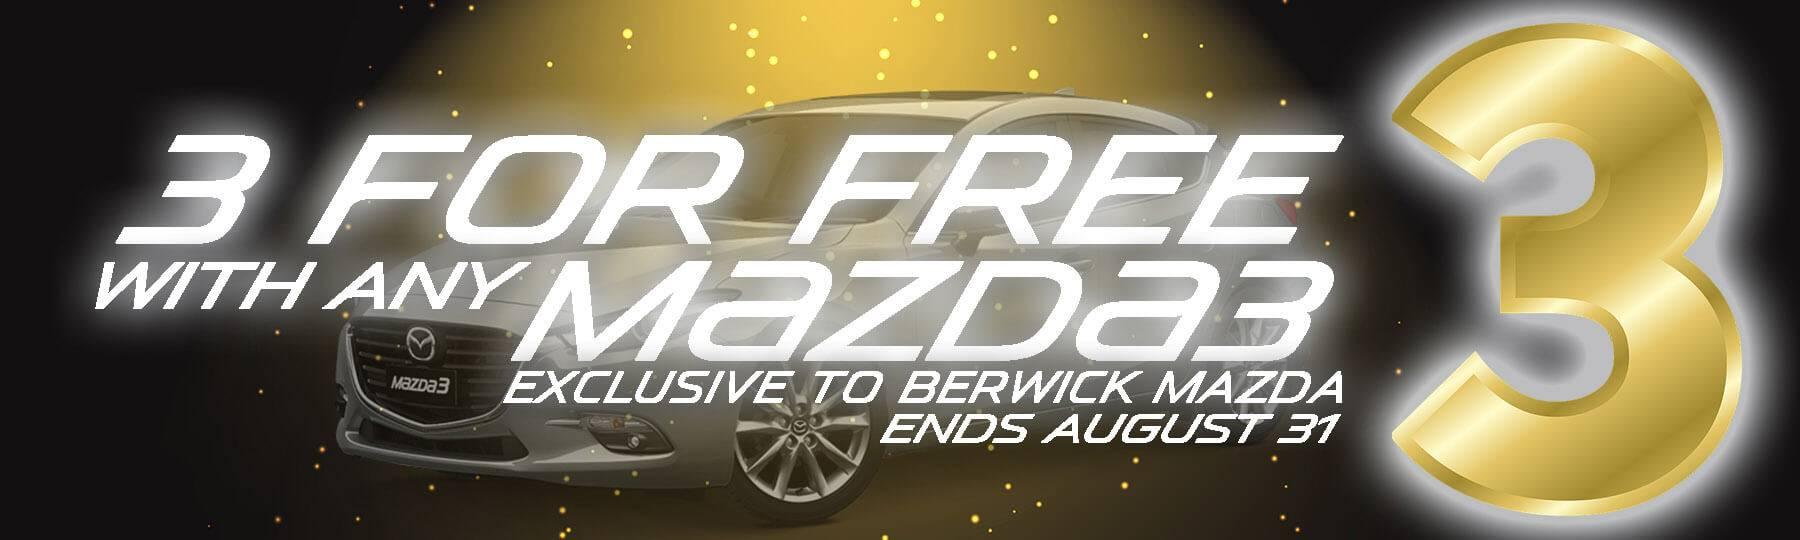 Berwick Mazda 3 For Free